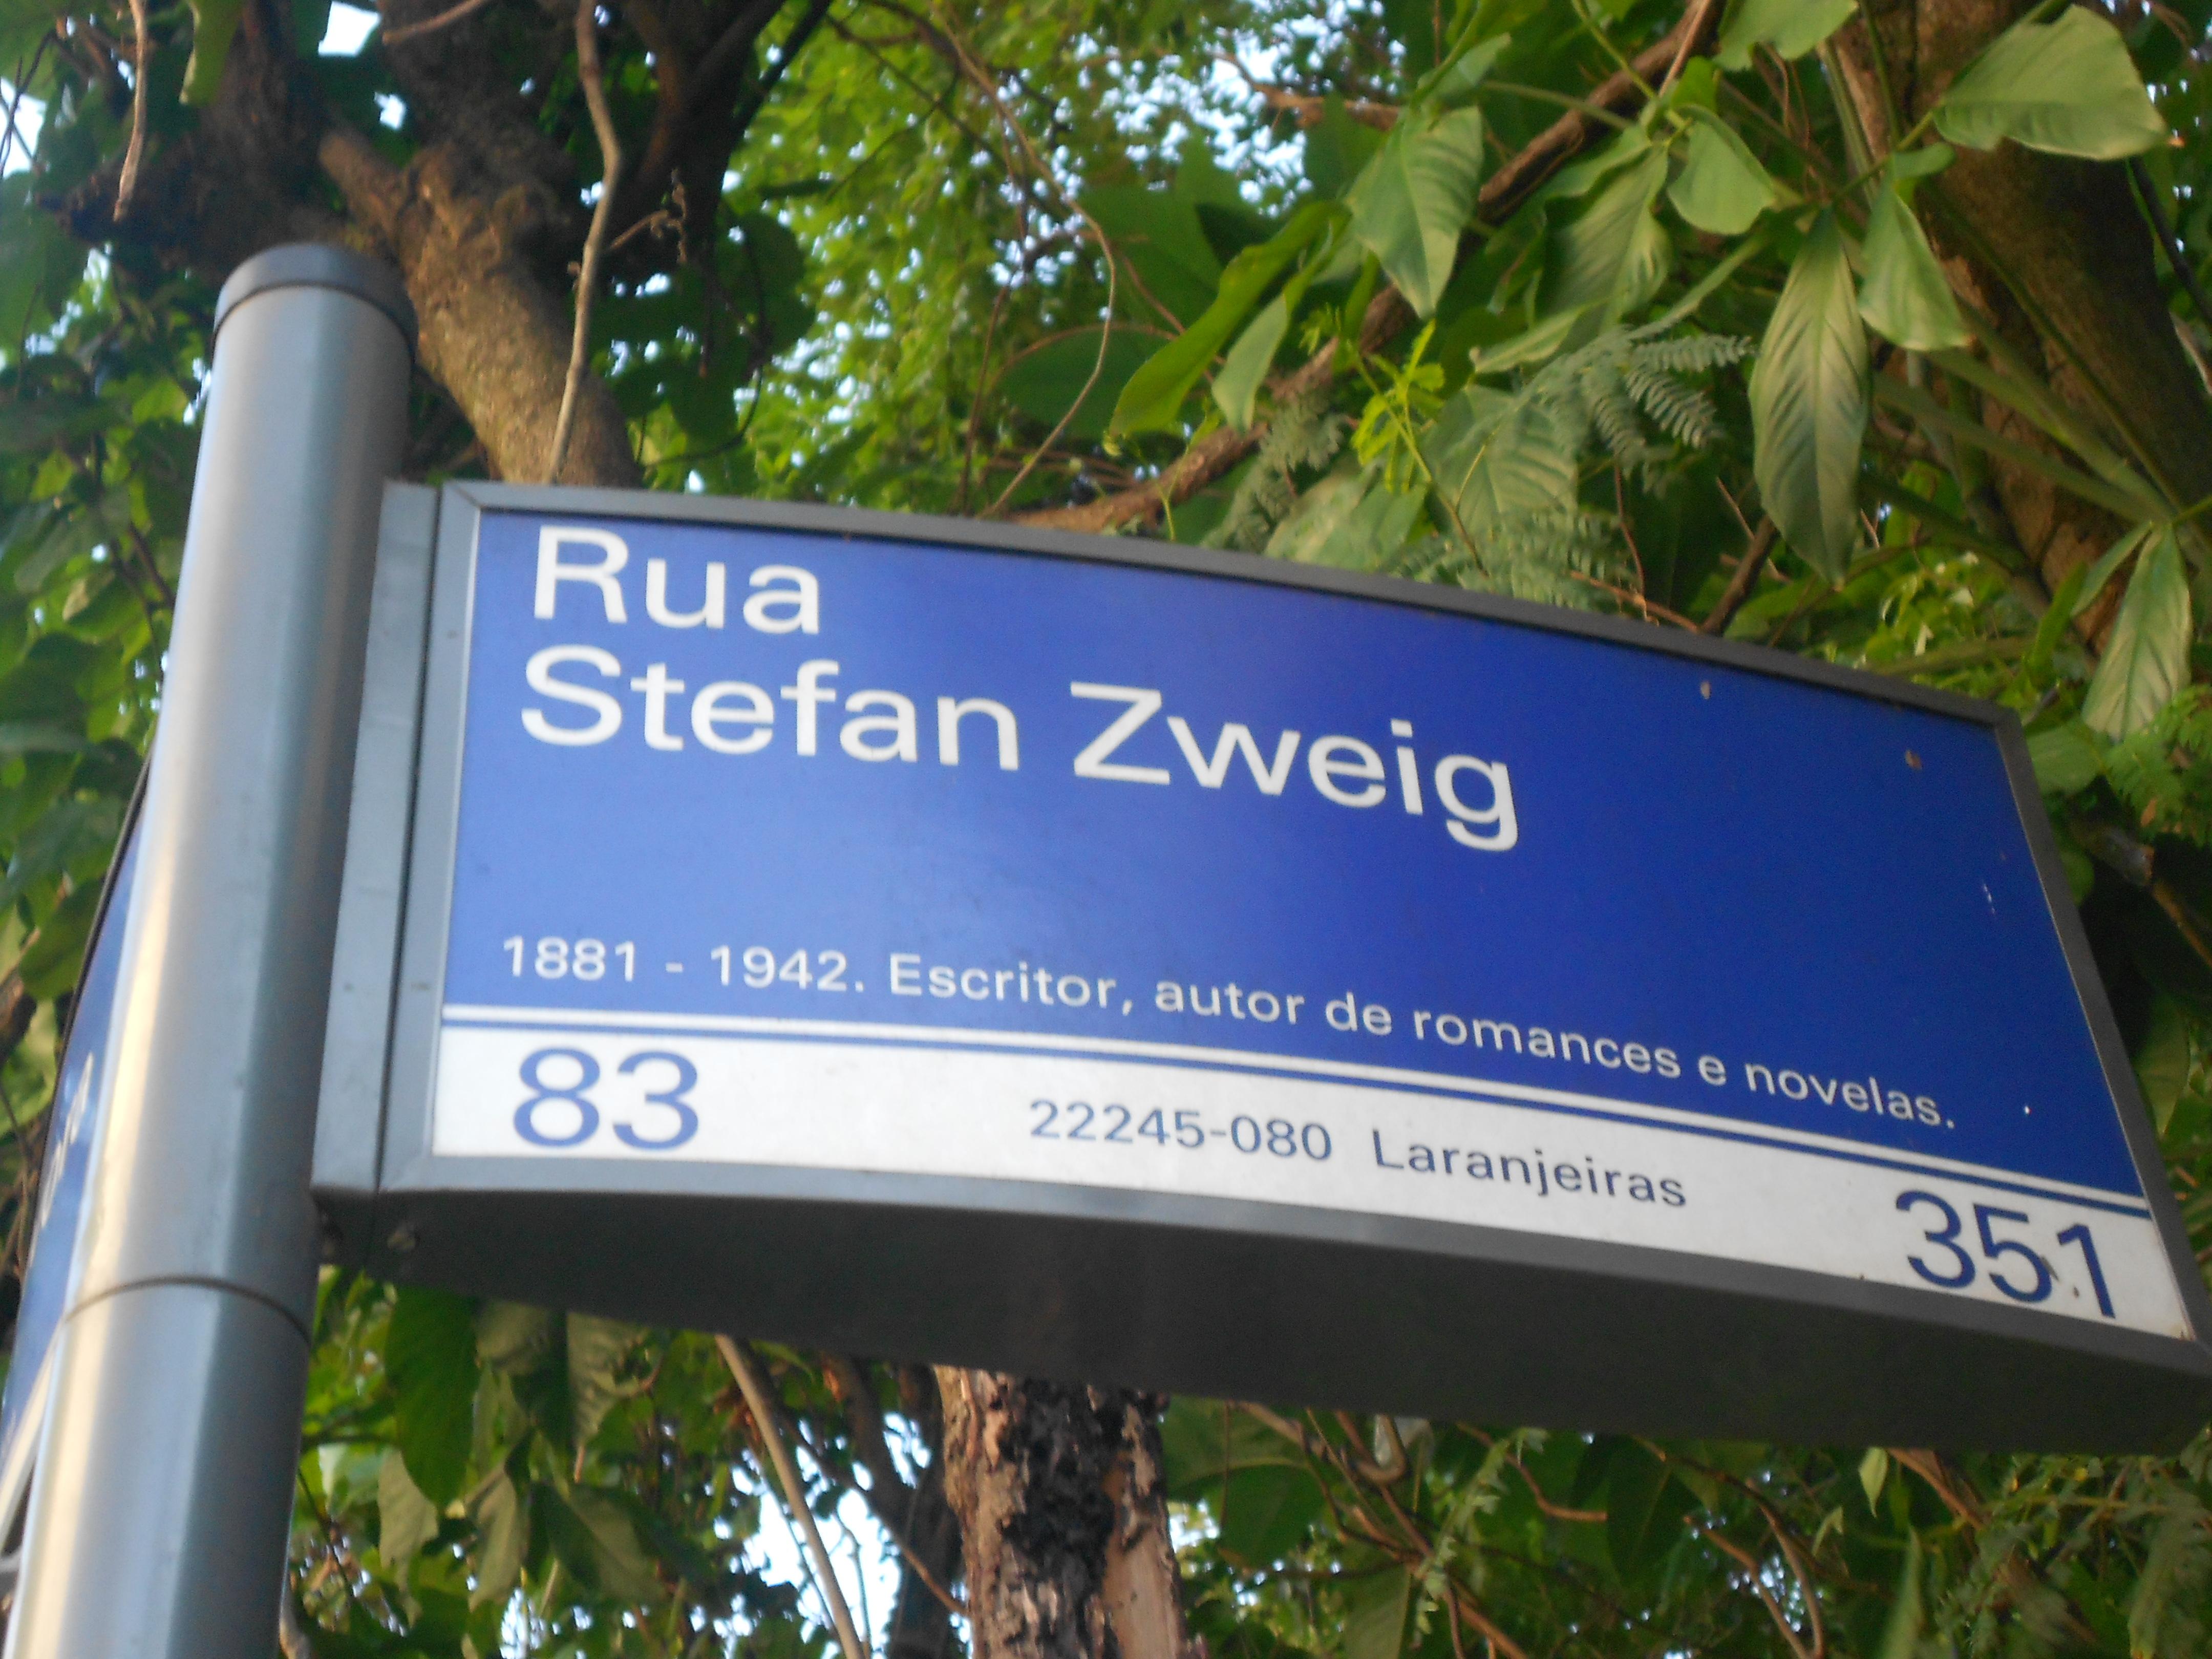 Street named after Stefan Zweig in Rio de Janeiro